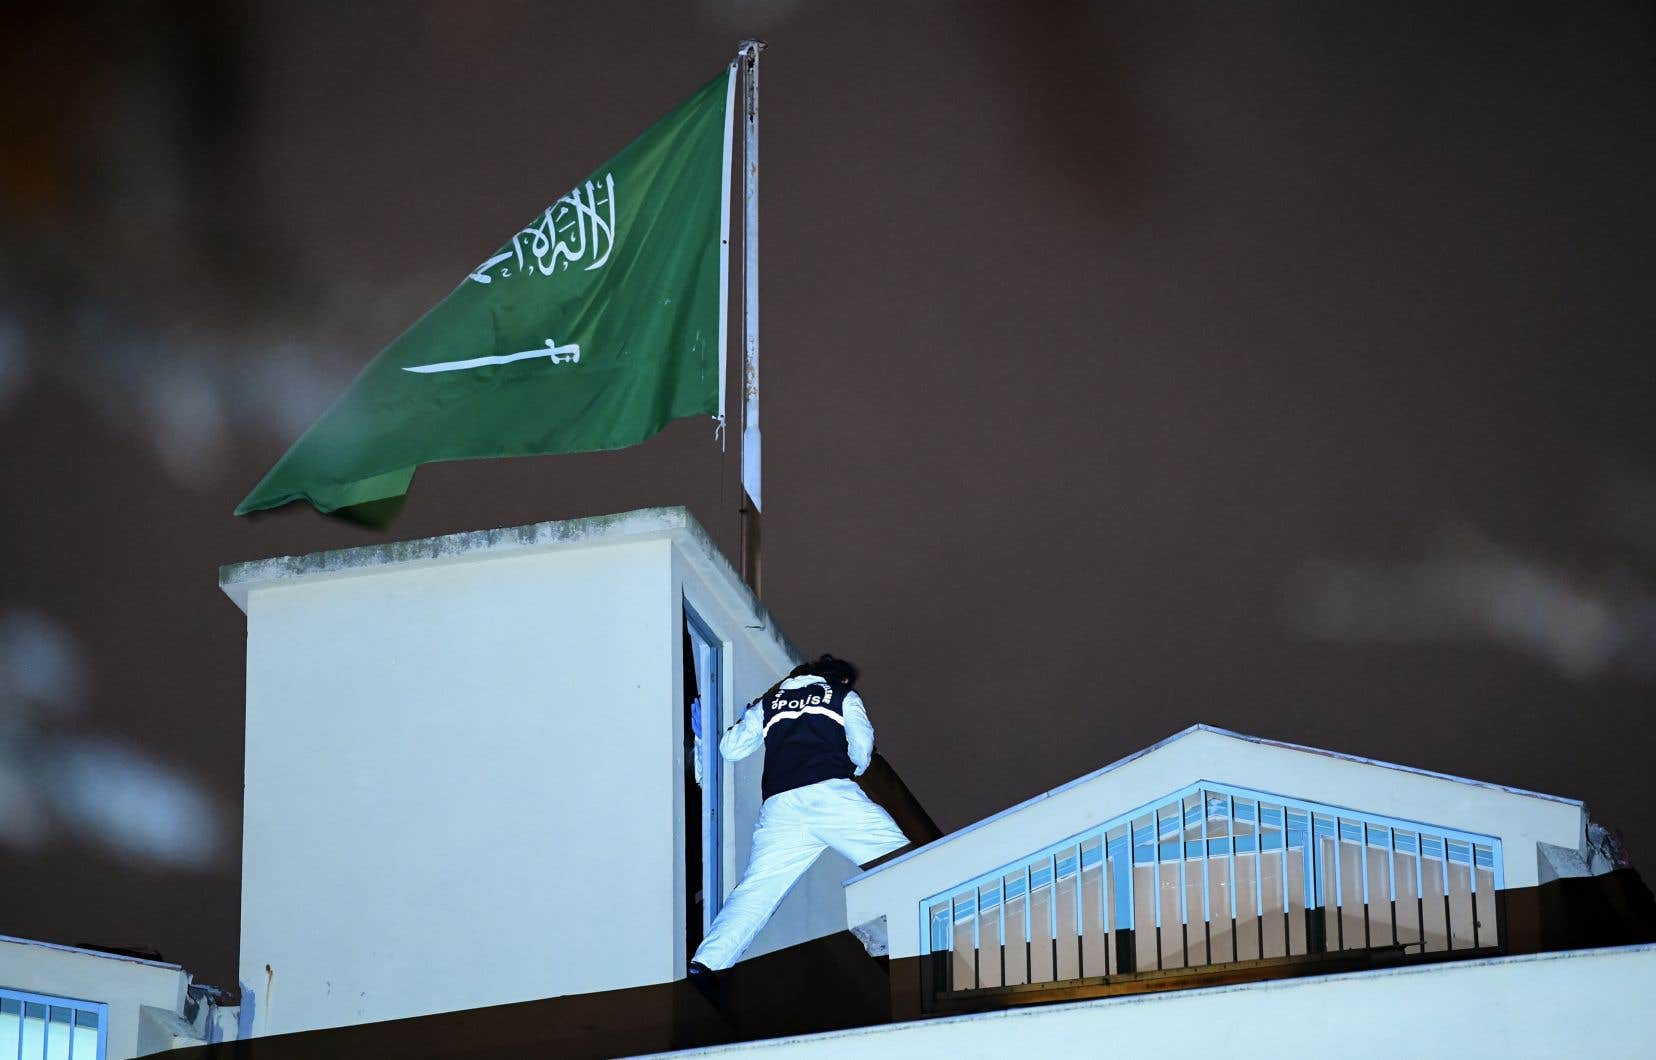 Une équipe d'enquêteurs est entrée lundi au consulat d'Arabie saoudite à Istanbul pour ce qui a été qualifié d'«inspection conjointe» du bâtiment.